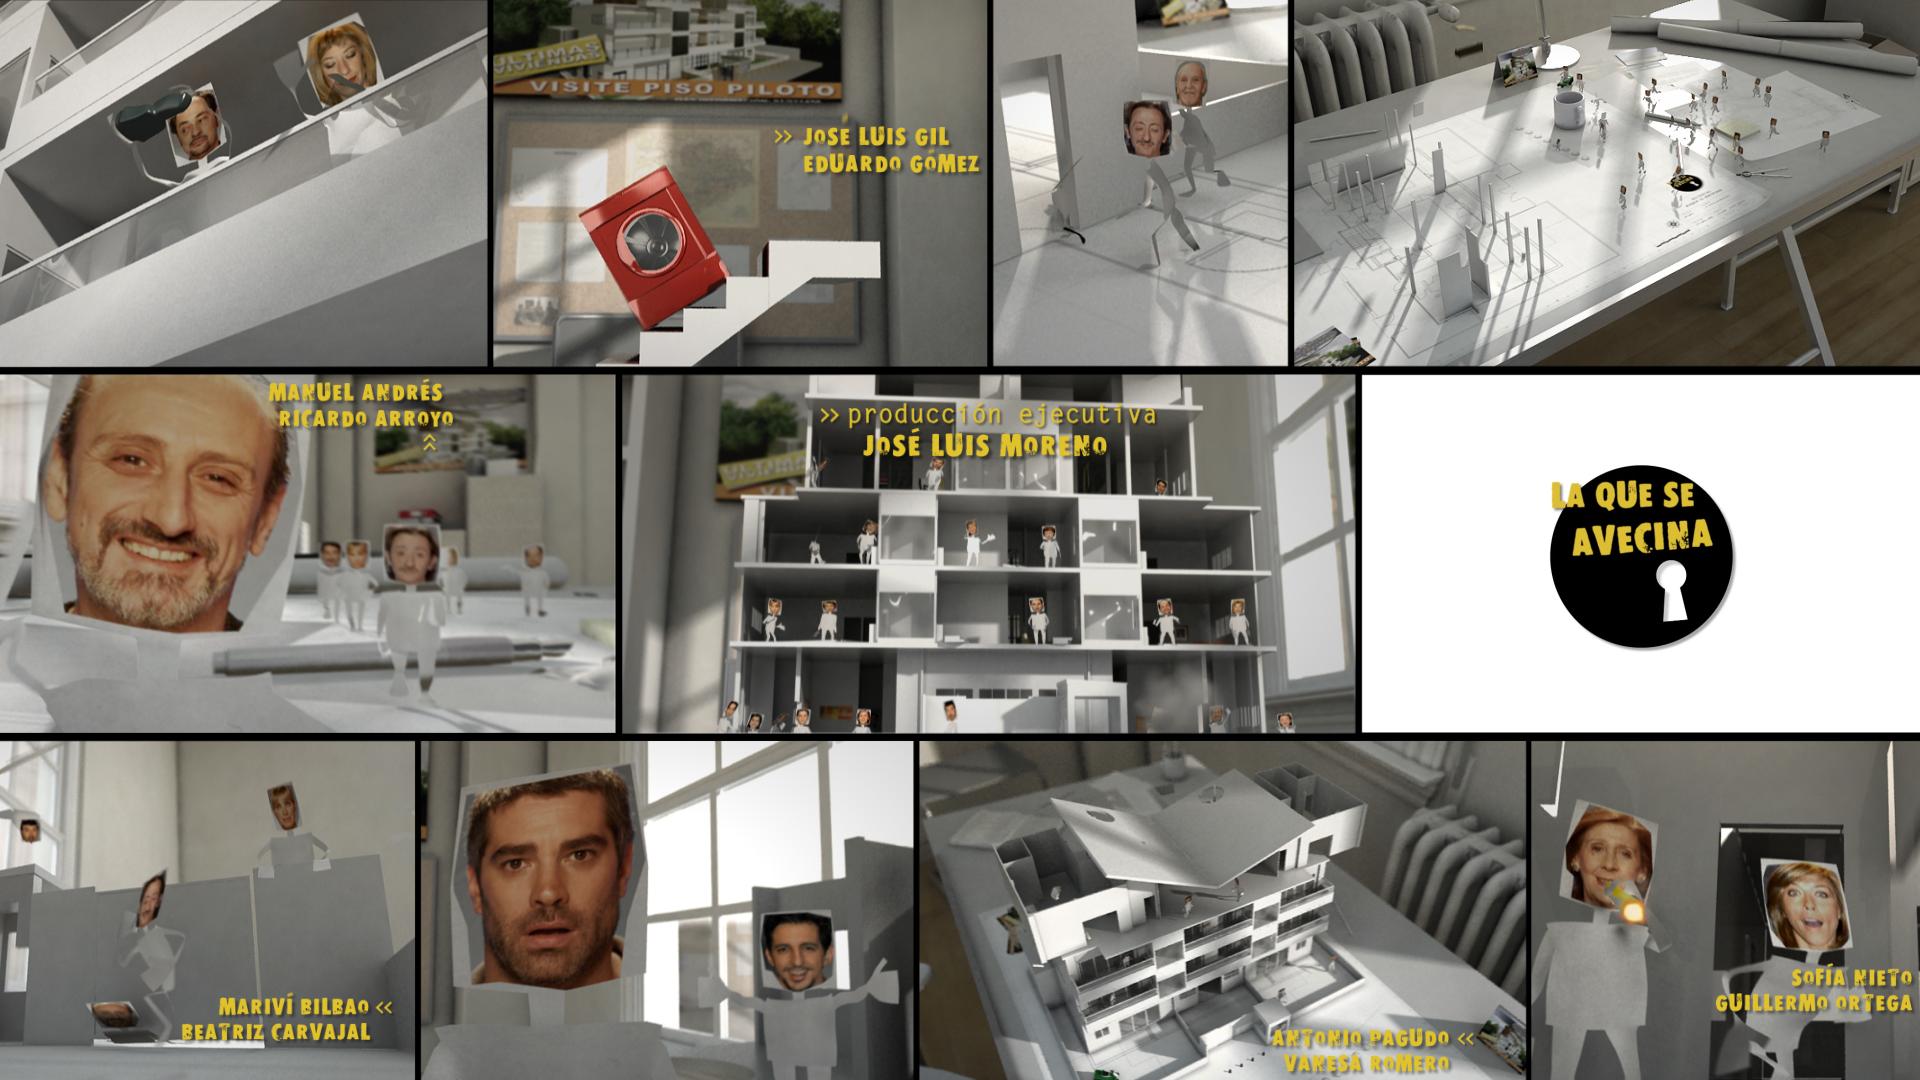 la-que-se-avecina-serie-2007-cabecera-3d-video-collage-1920x1080-1.png